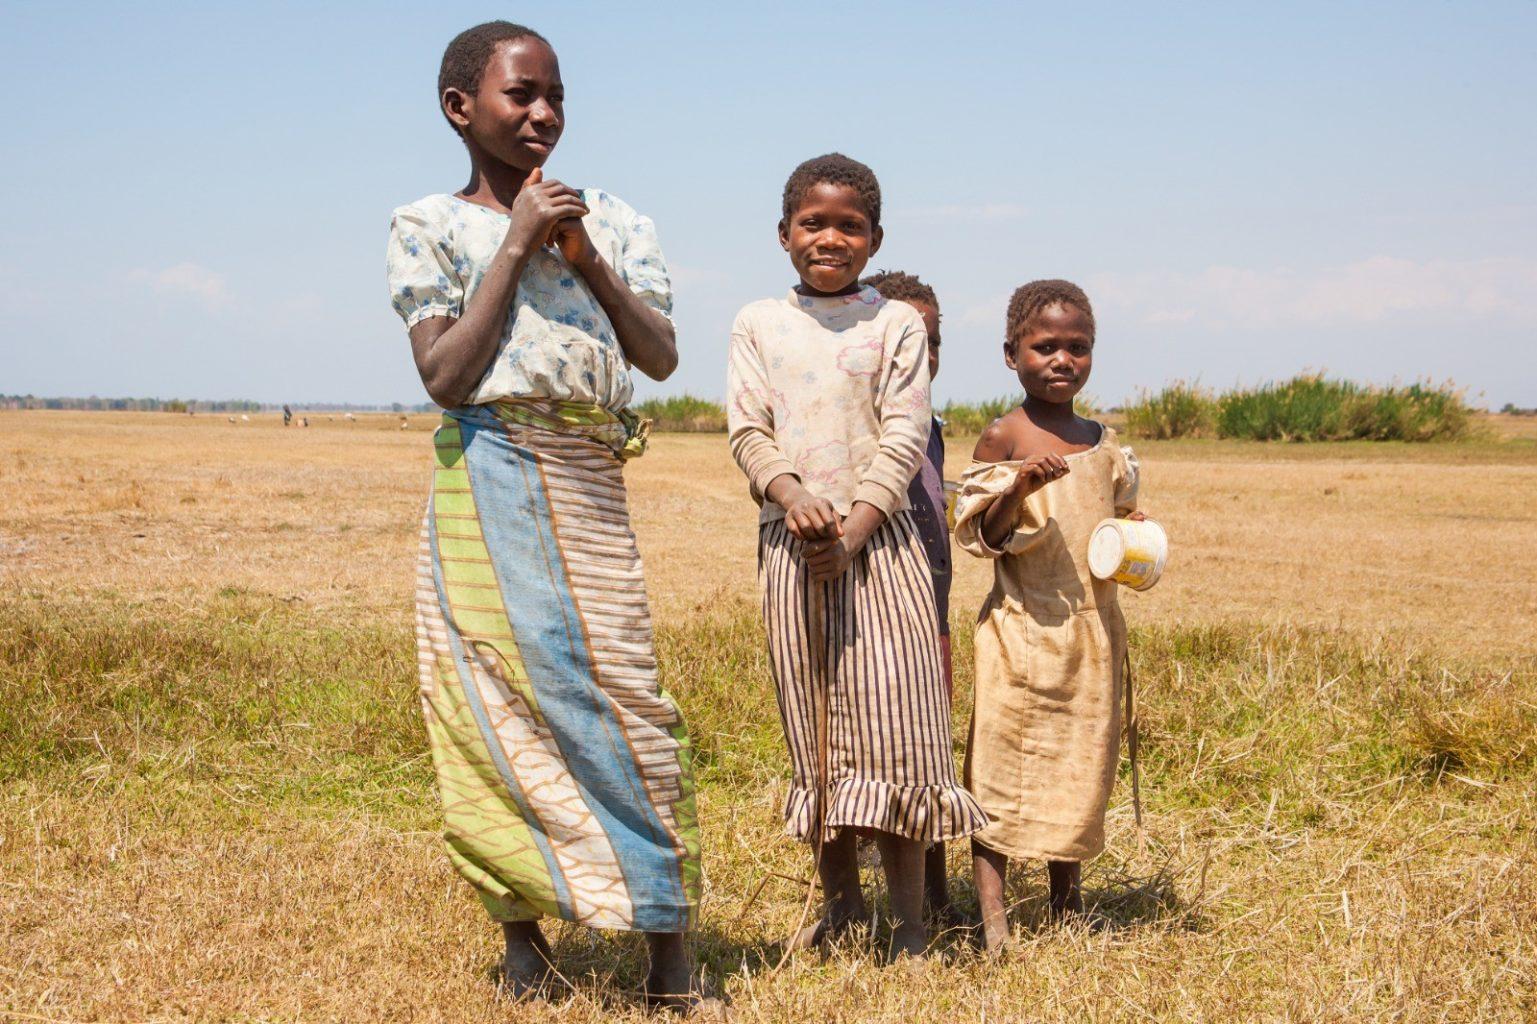 Африка Малави подростки девушки обычаи